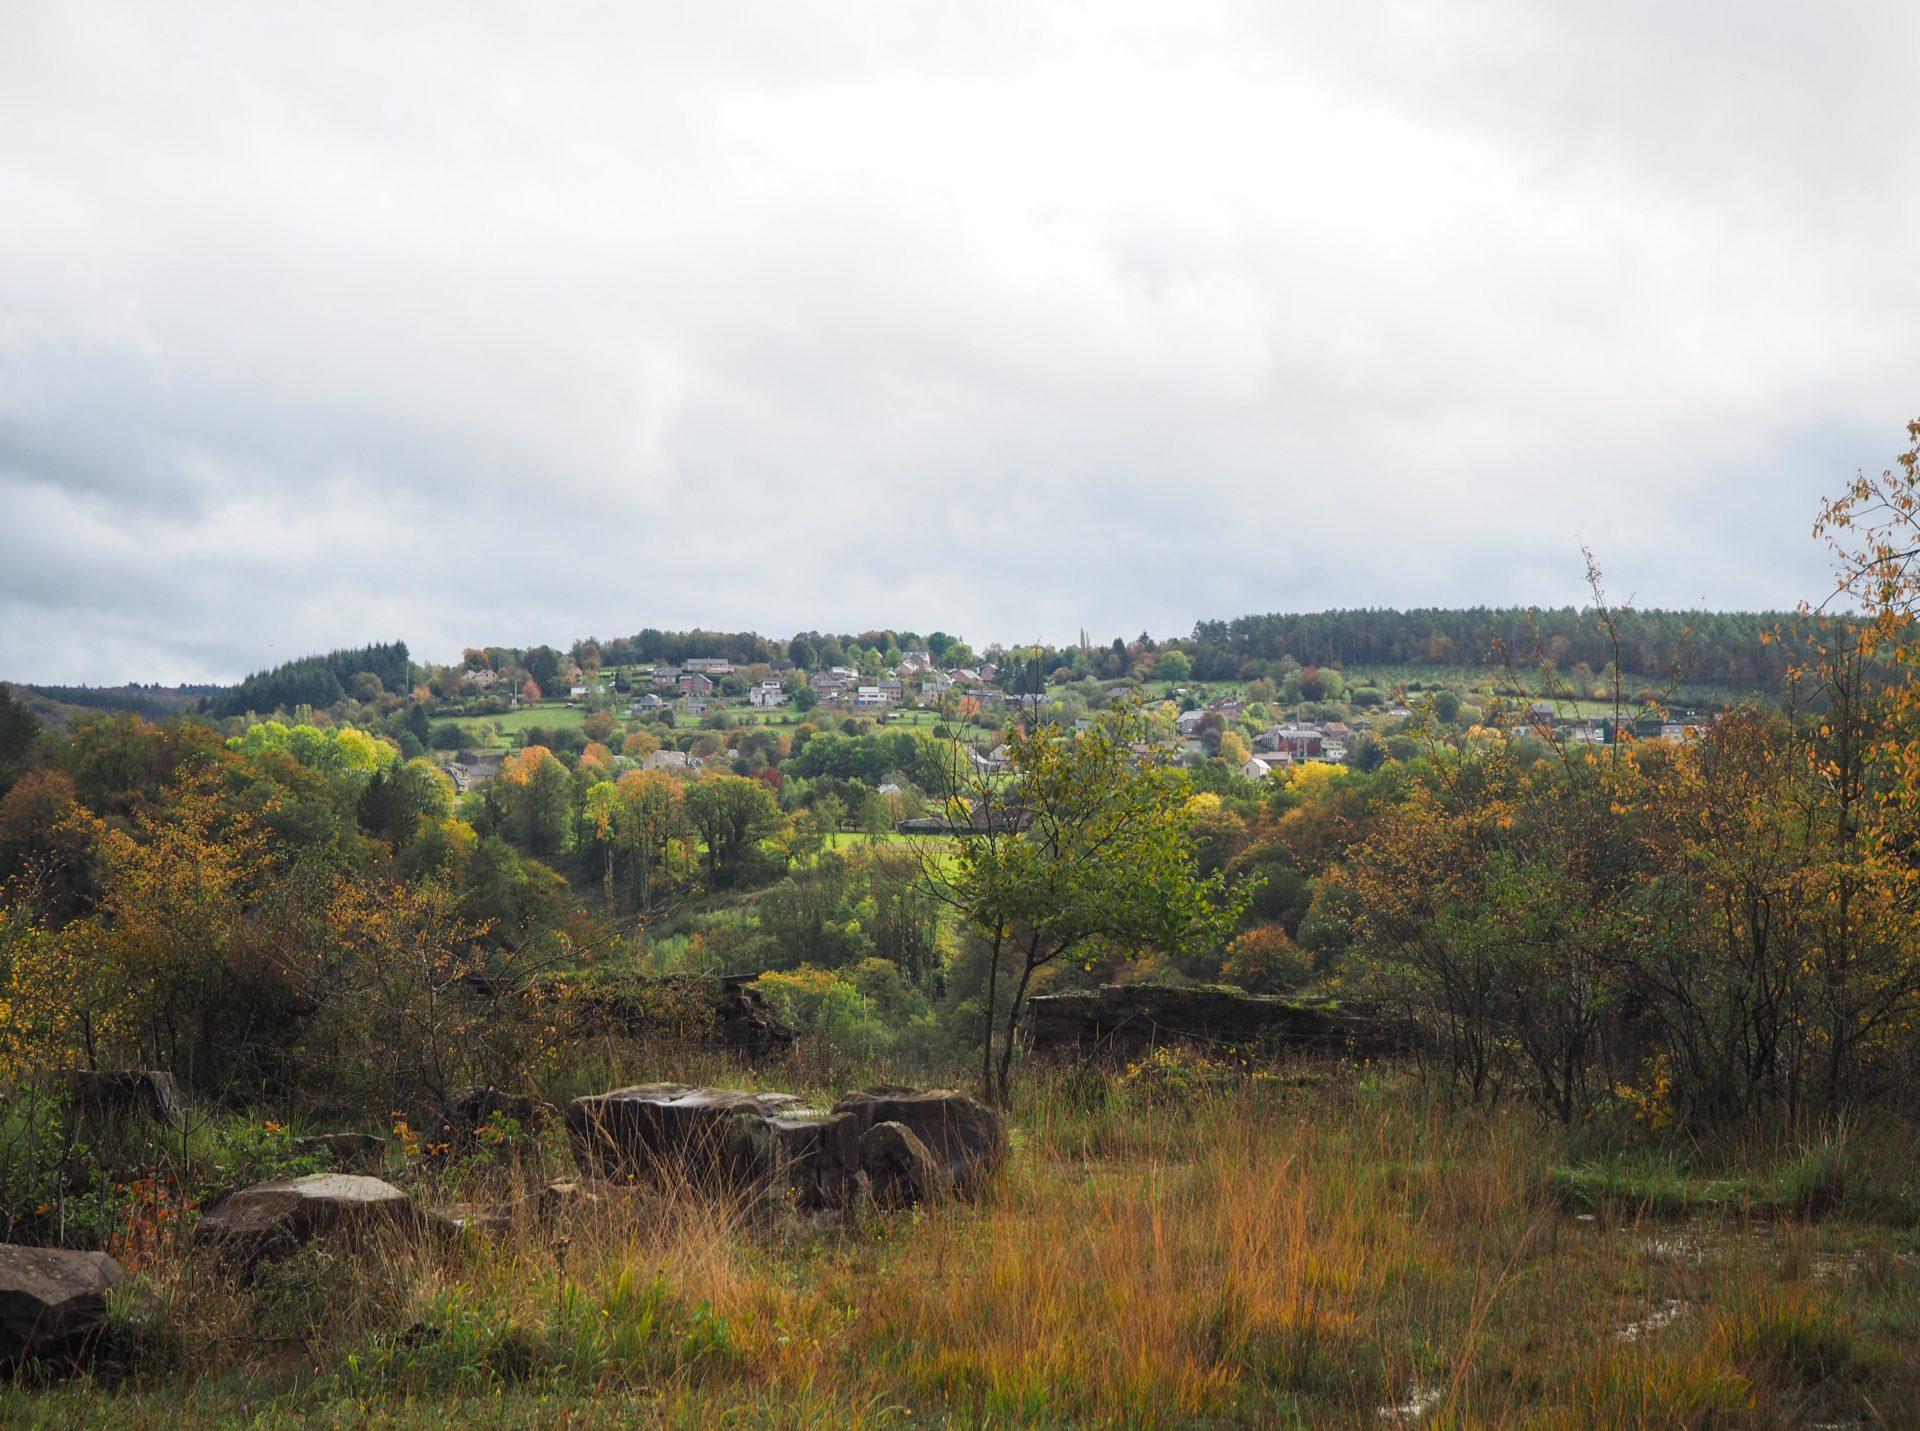 Réserve naturelle de la Heid des Gattes - Ardenne Belge - Province de Liège - Voyage slow en Belgique